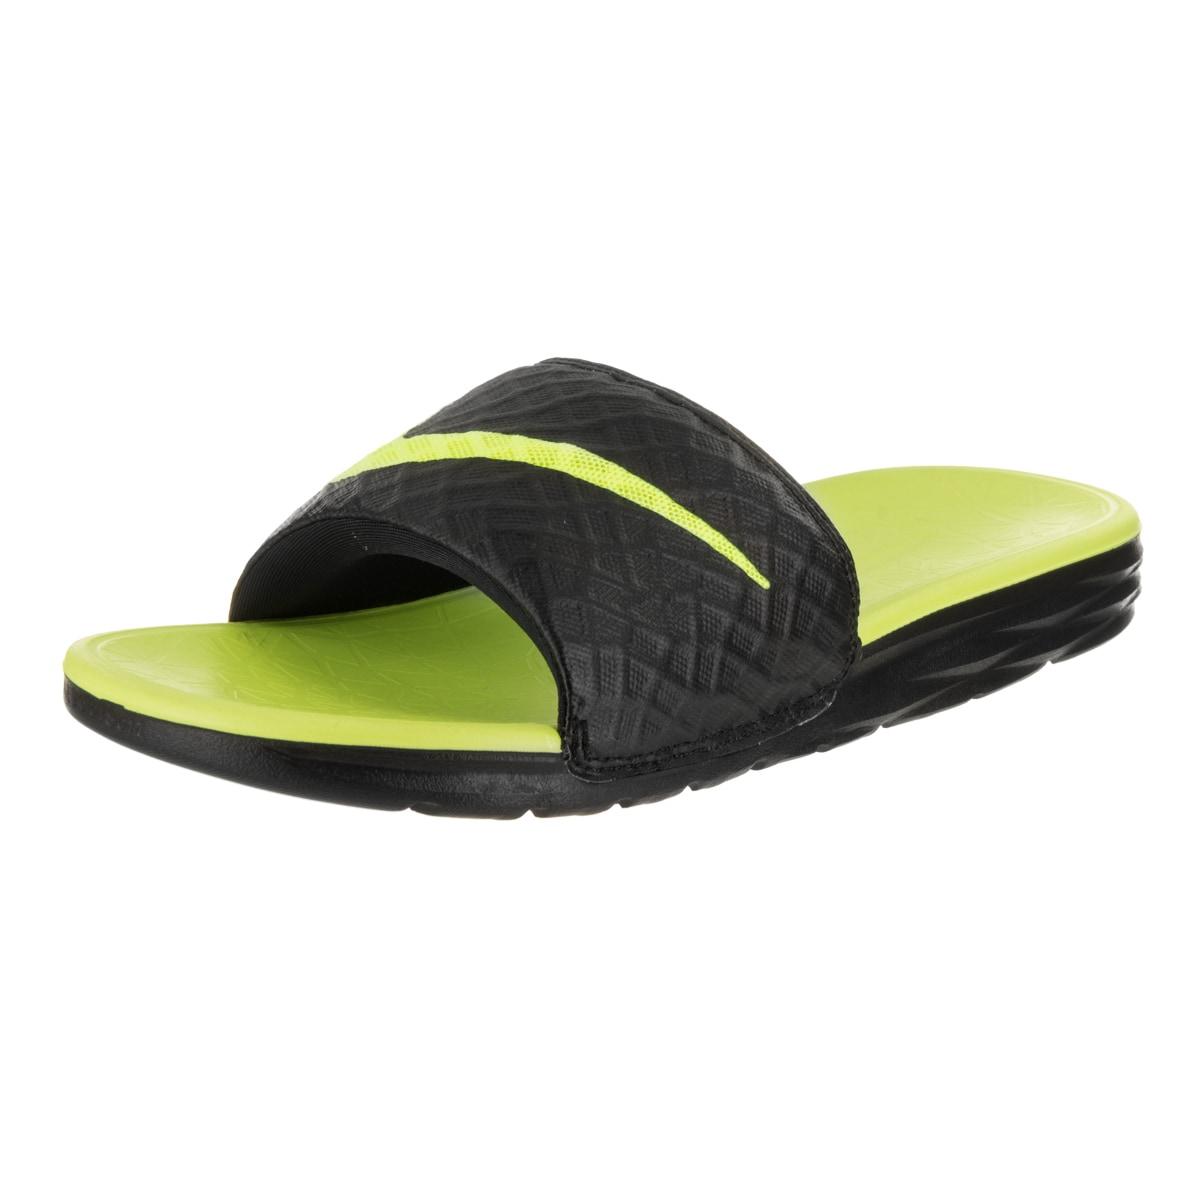 Nike Men's Benassi Solarsoft Sandal (13), Black (leather)